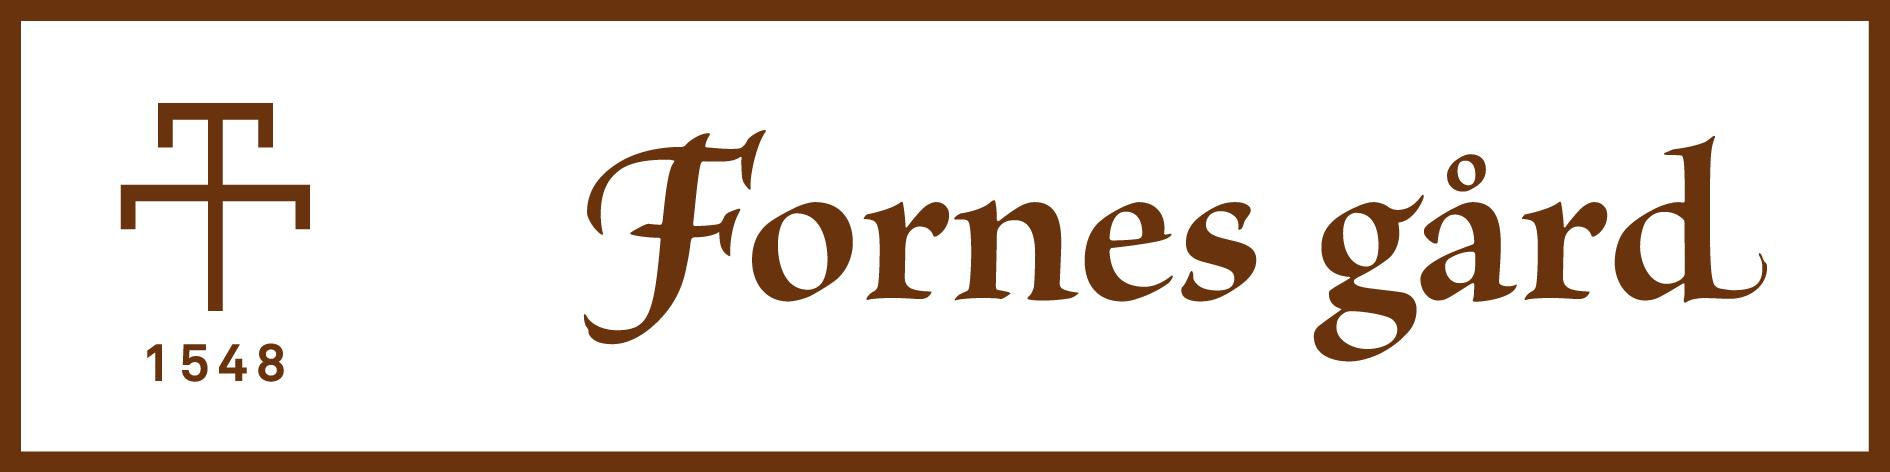 Fornes gård logo avlang rammer-03.png